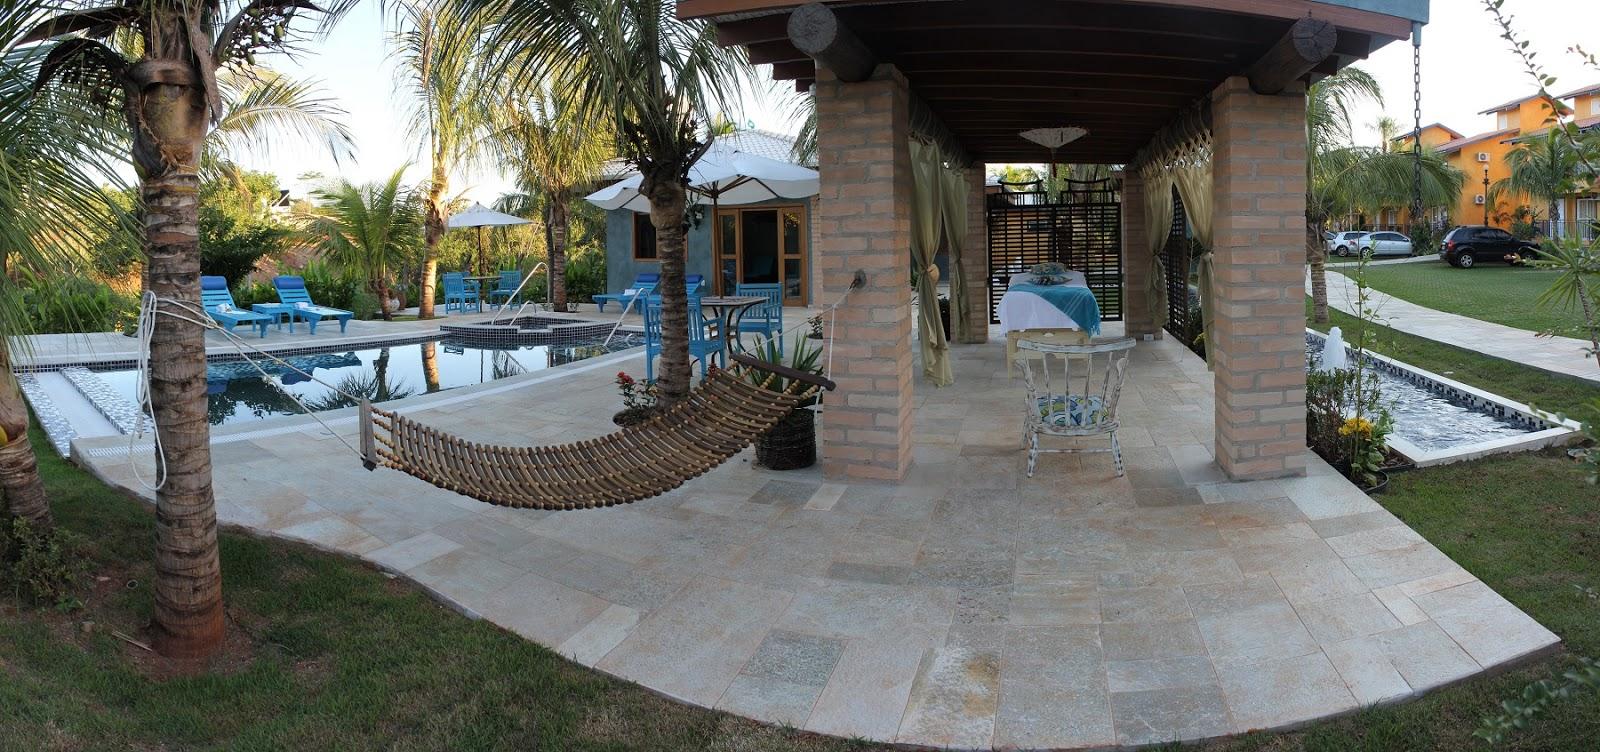 Resort de Olímpia está entre os 25 melhores hotéis para famílias da América do Sul